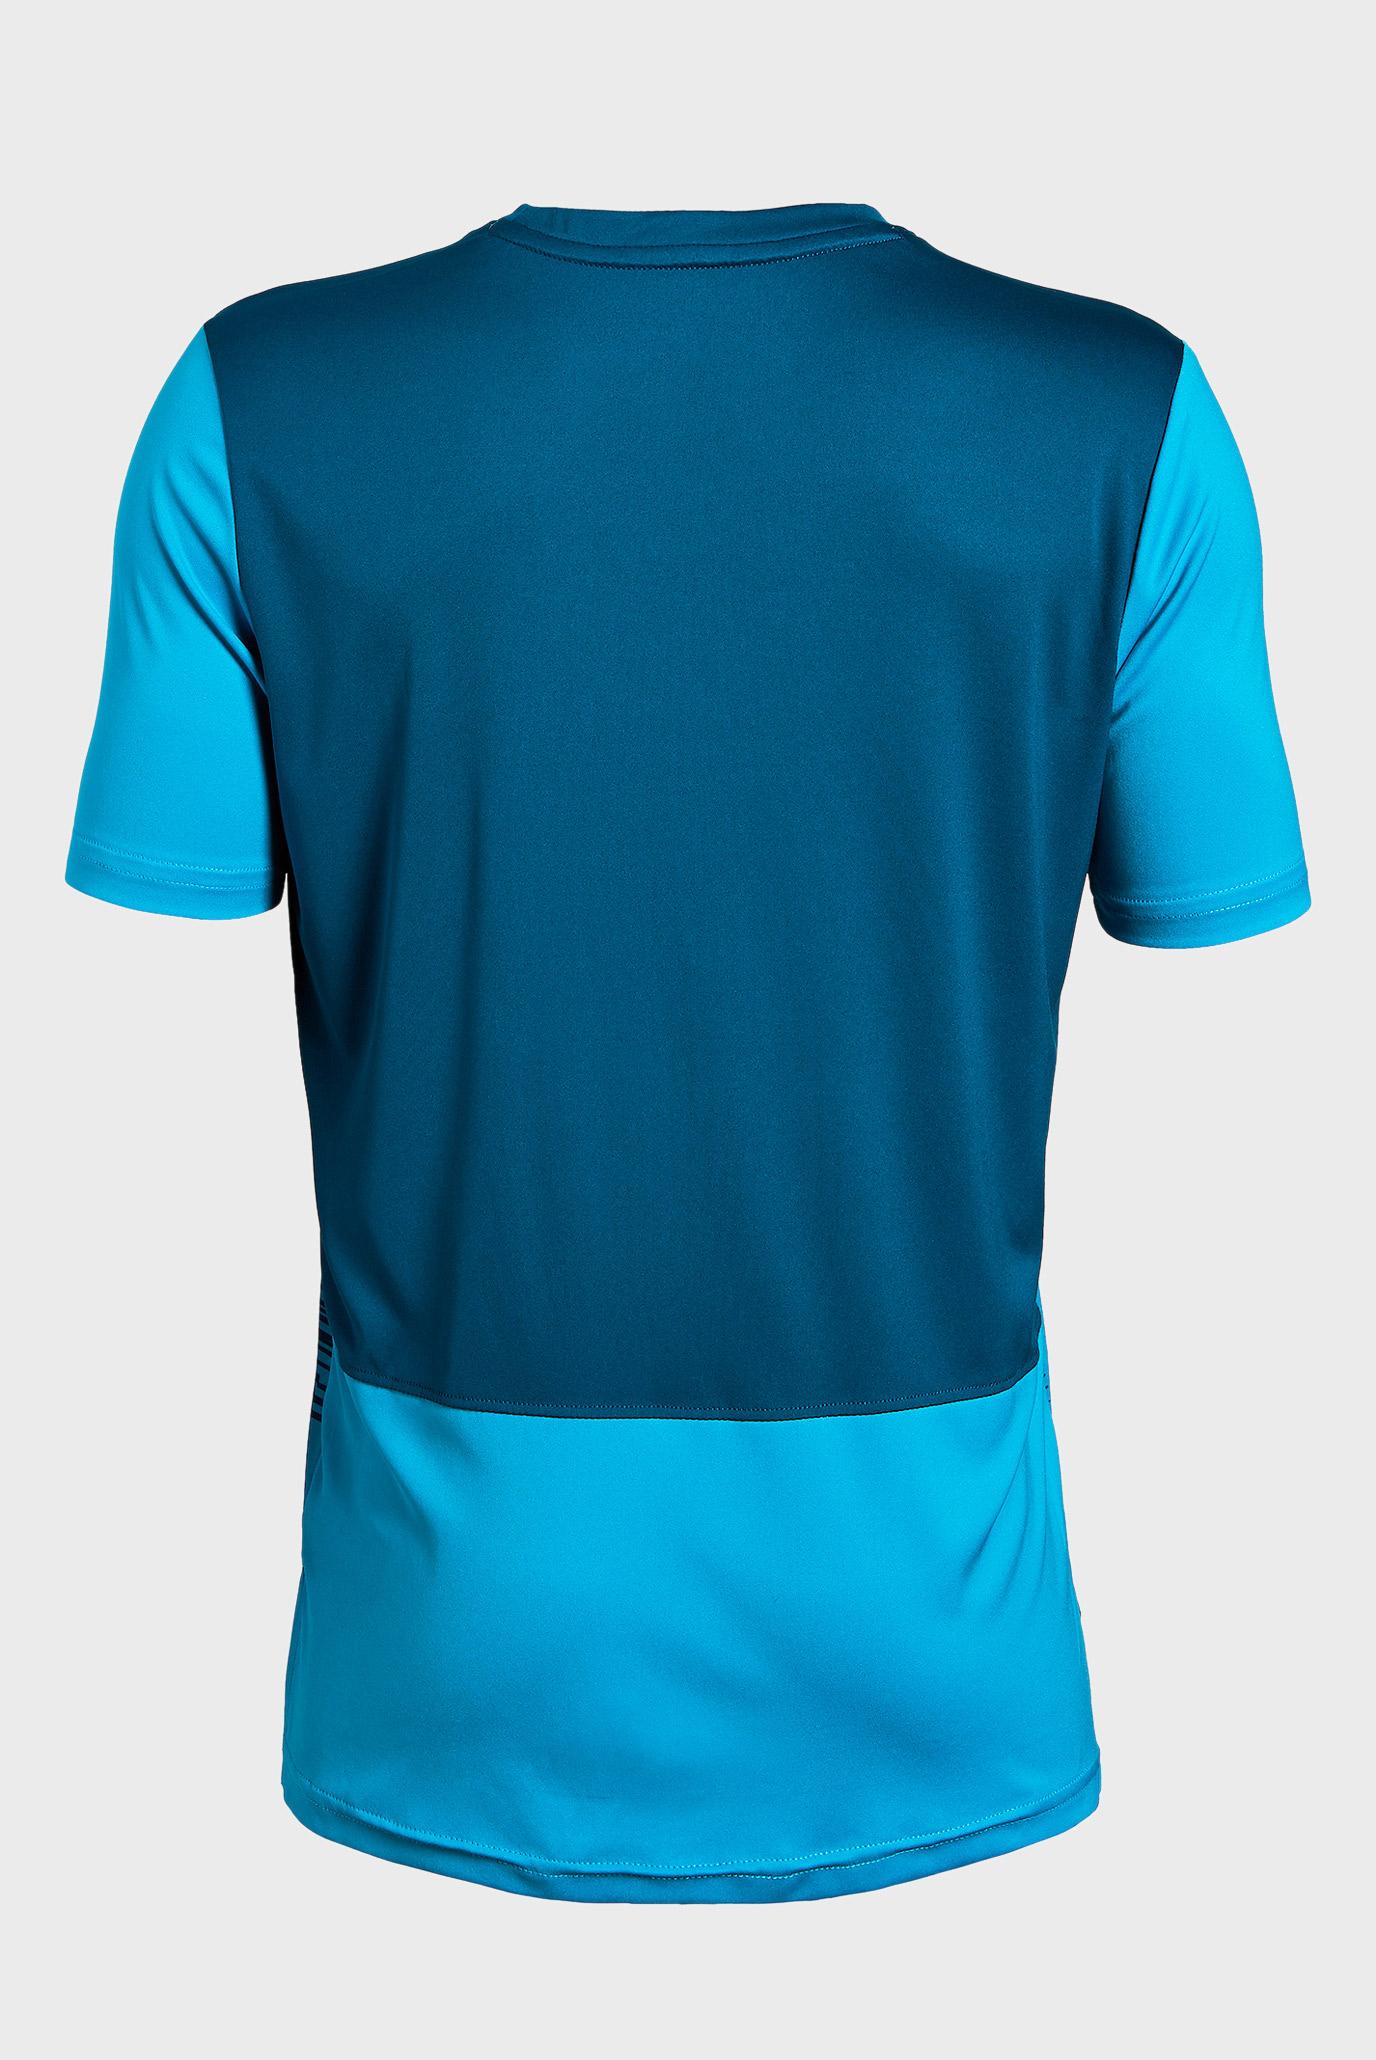 Купить Детская синяя футболка UA Sun Armour Tee Under Armour Under Armour 1328985-452 – Киев, Украина. Цены в интернет магазине MD Fashion